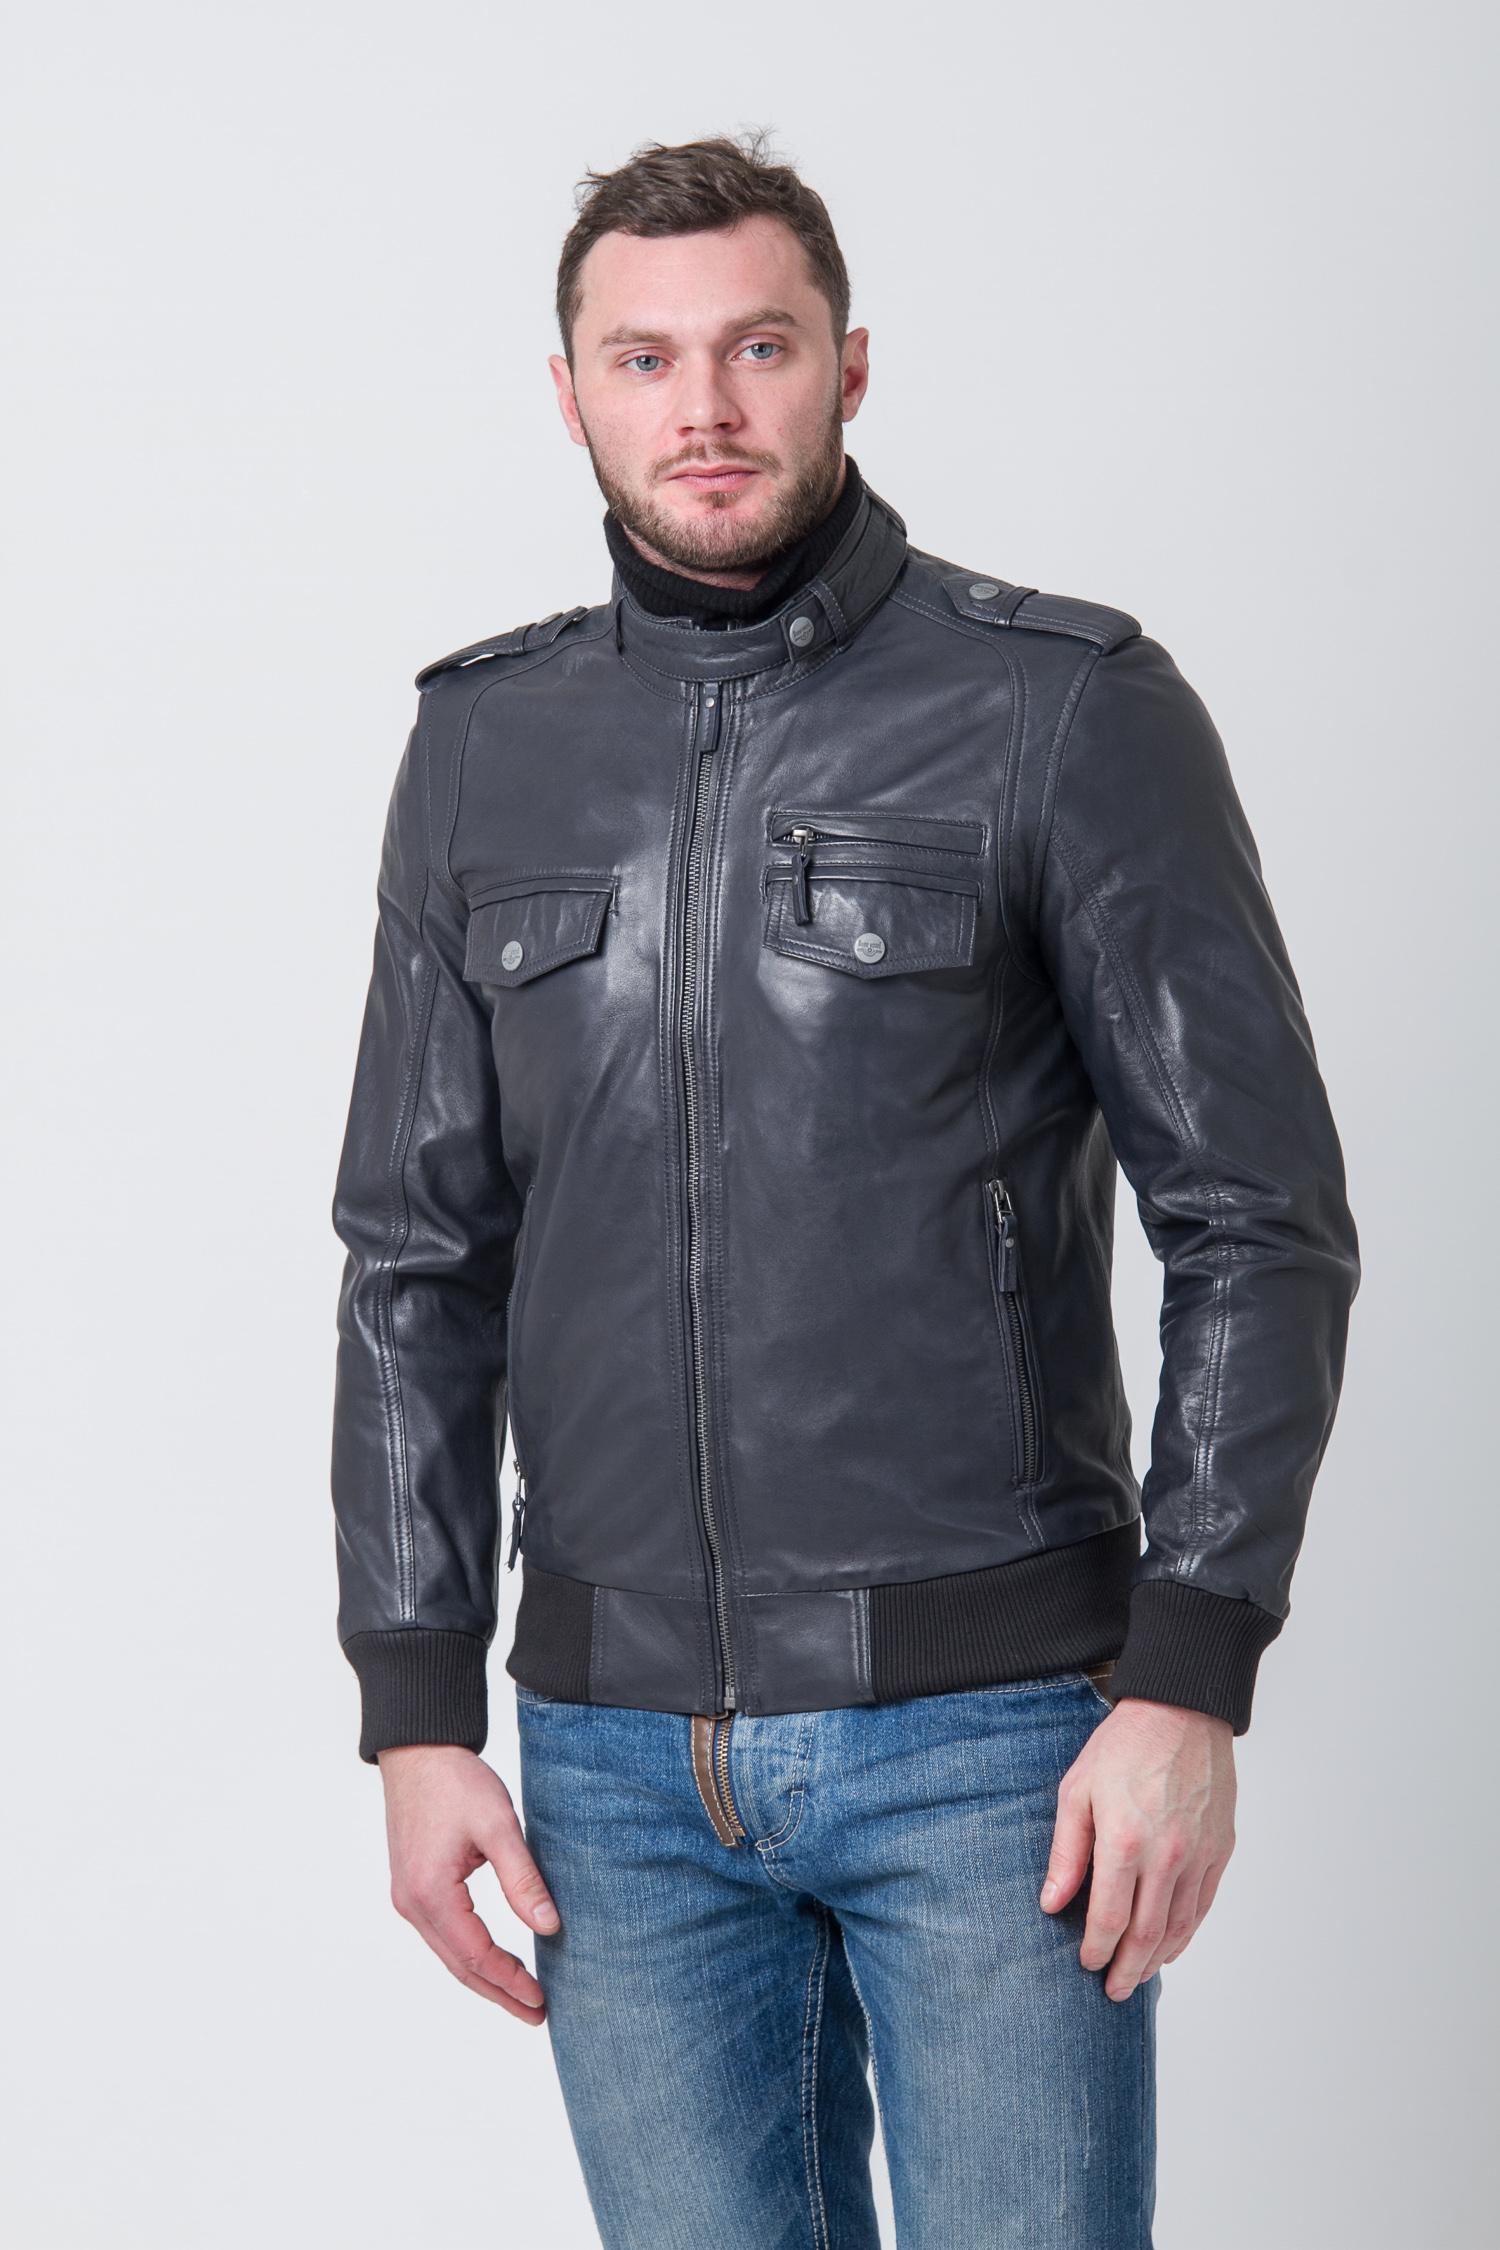 Мужская кожаная куртка с воротником, без отделки